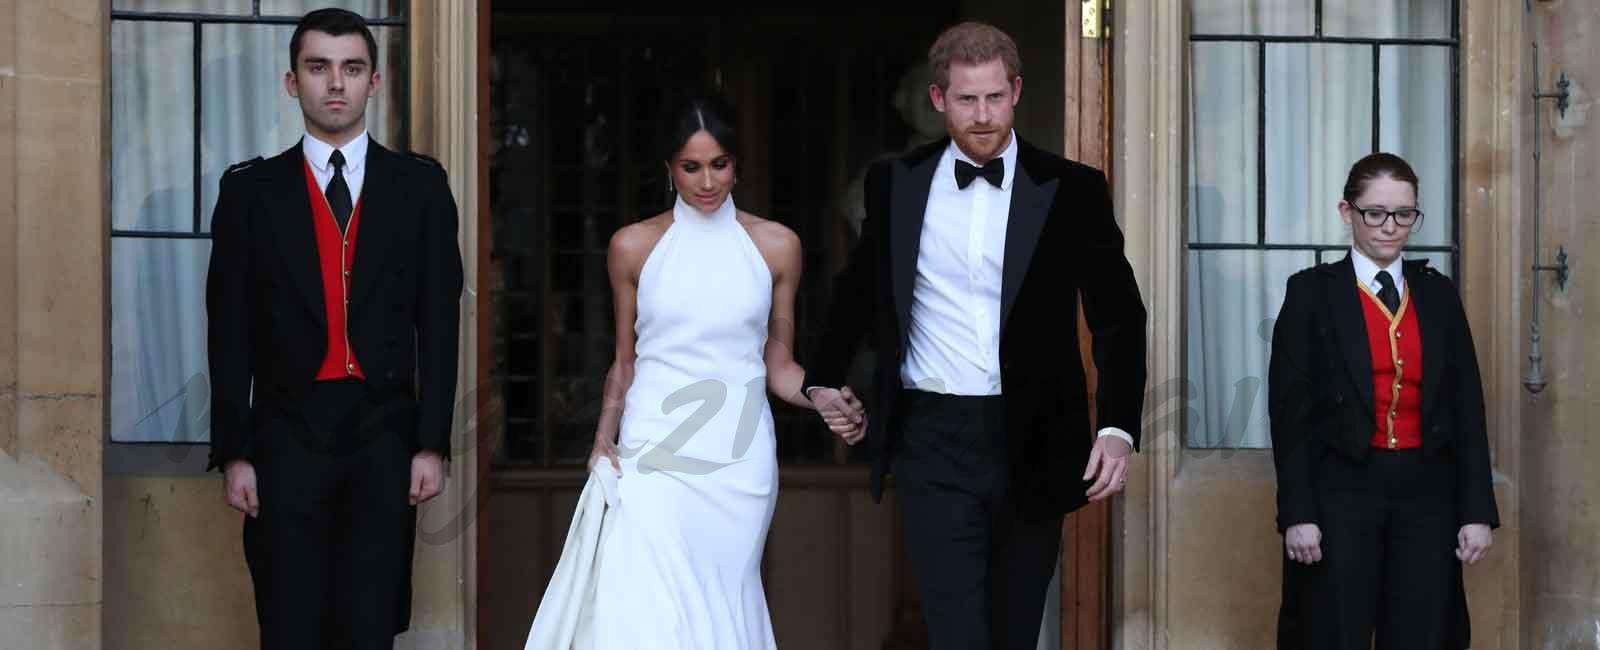 El segundo vestido de Meghan Markle para asistir a la fiesta privada en Frogmore House